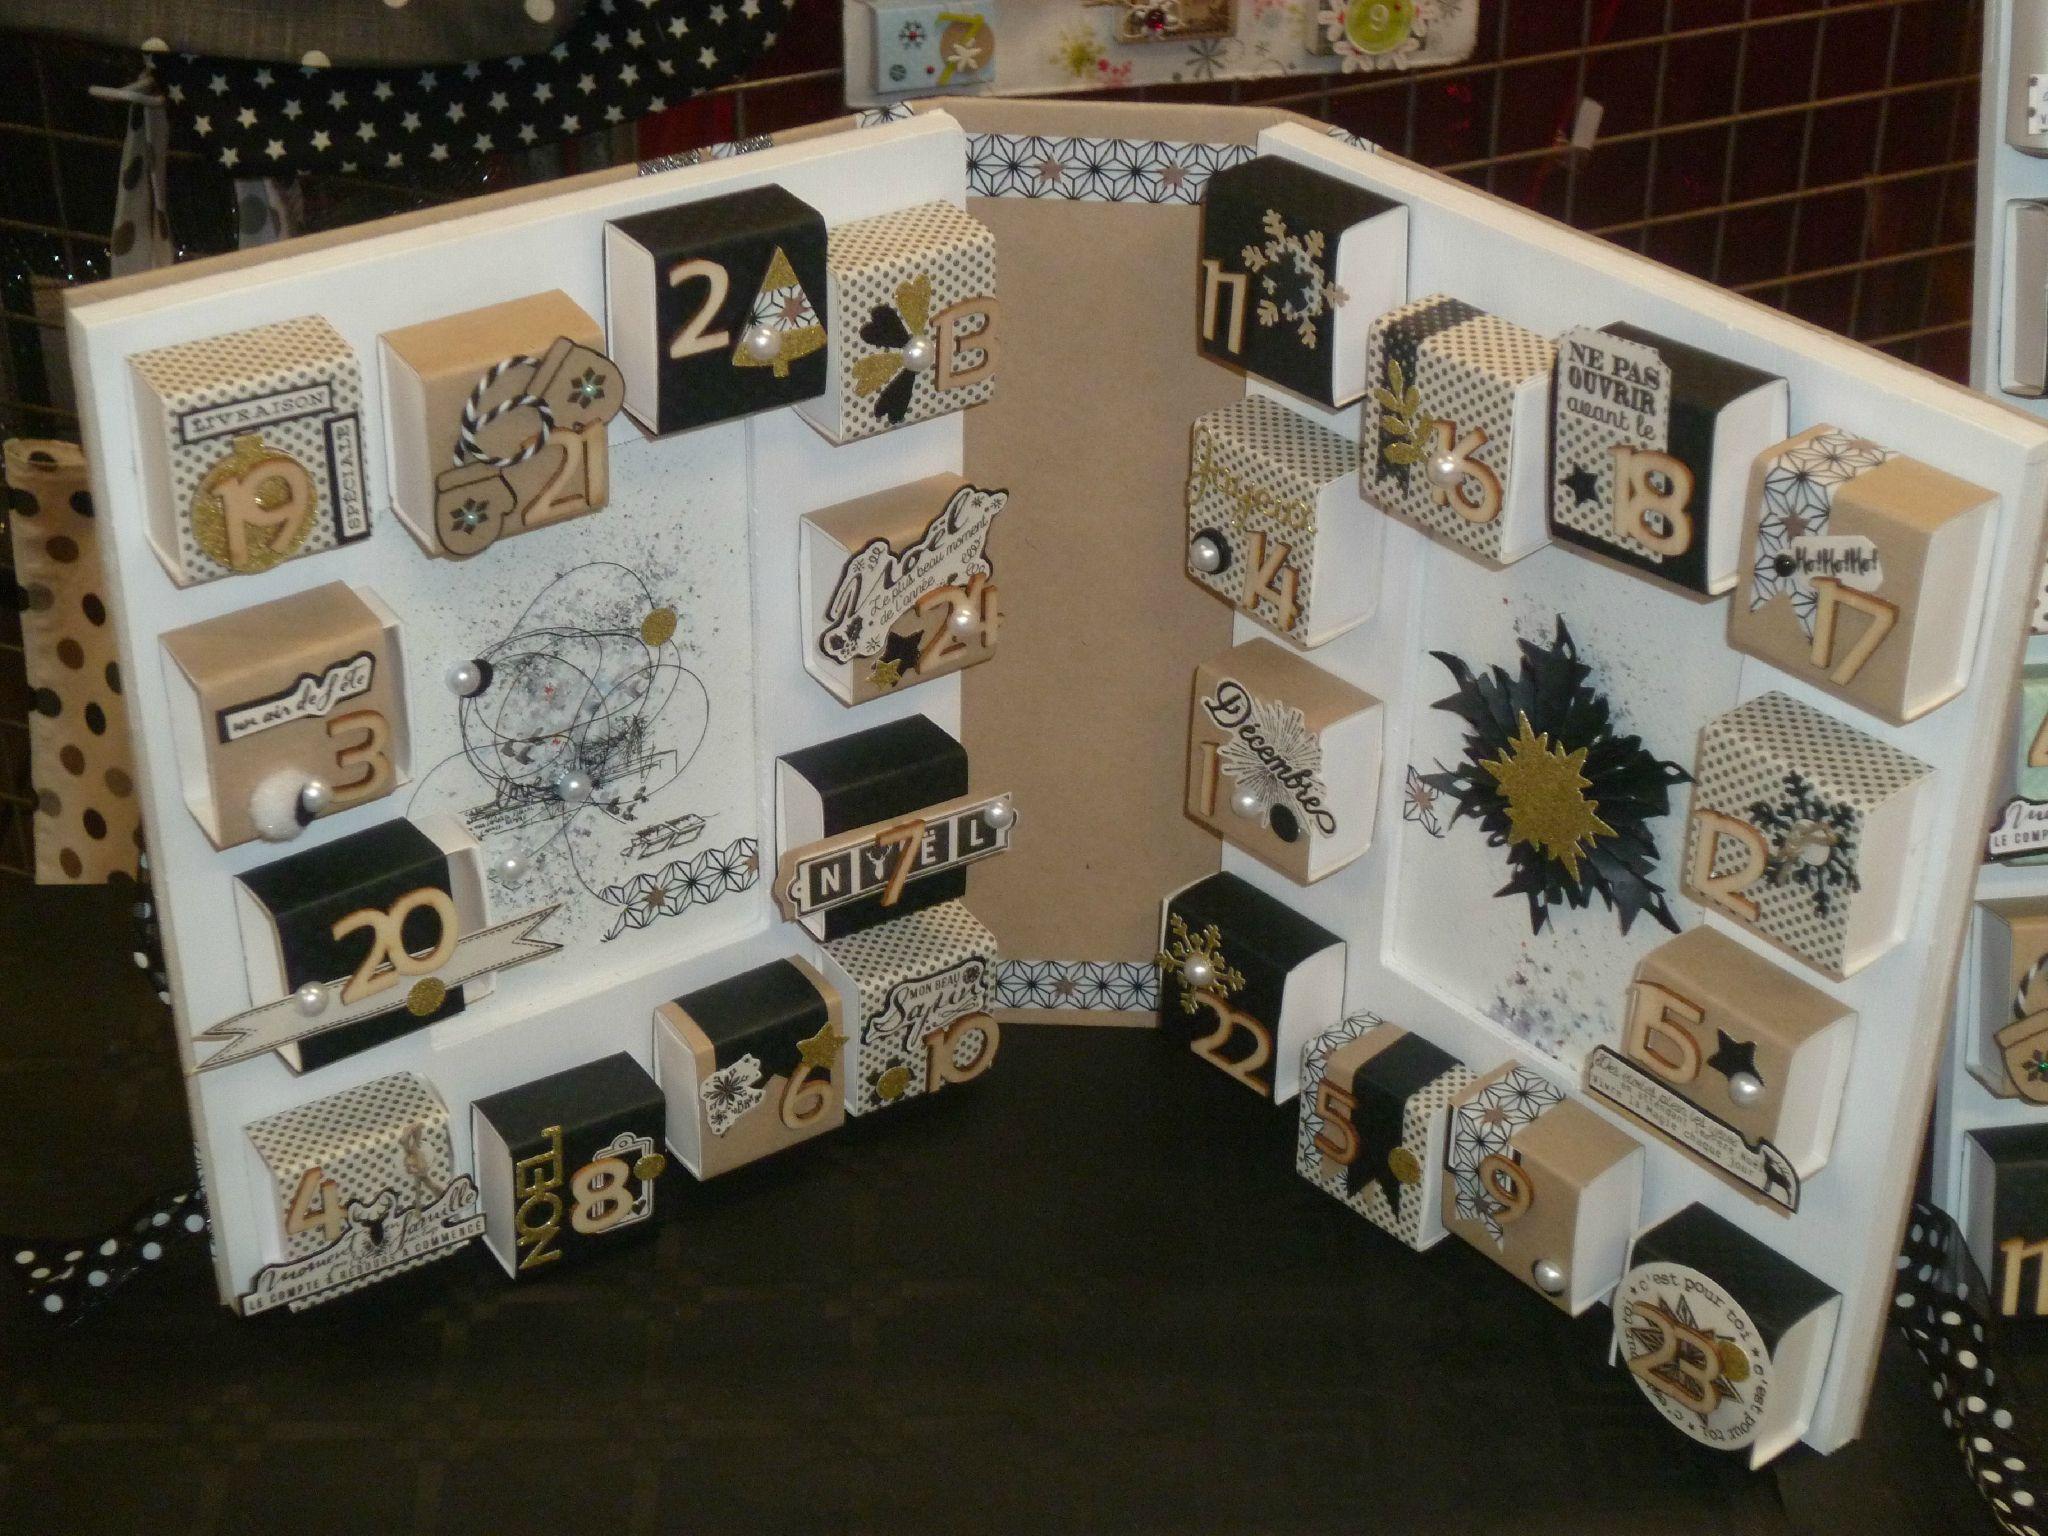 calendrier de l 39 avent boxes pinterest g vor papperspyssel och g r det sj lv. Black Bedroom Furniture Sets. Home Design Ideas